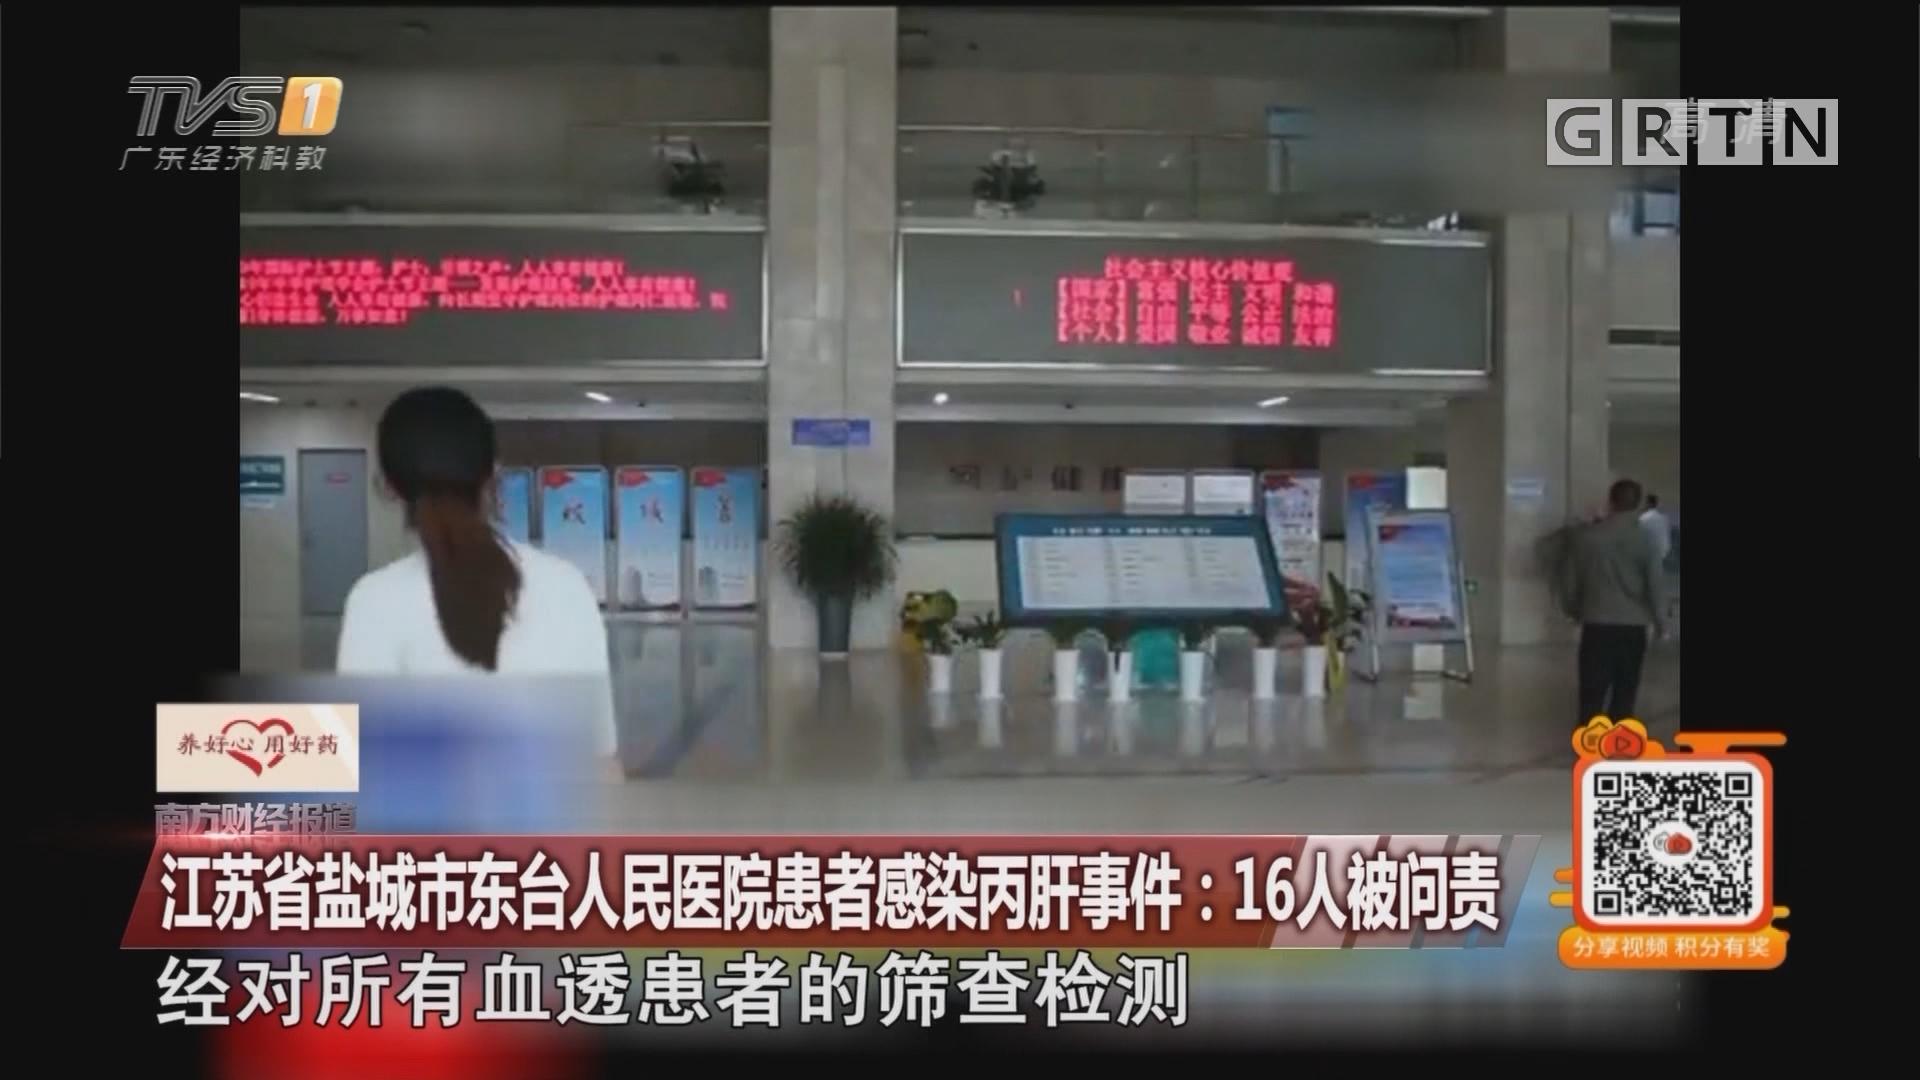 江苏省盐城市东台人民医院患者感染丙肝事件:16人被问责